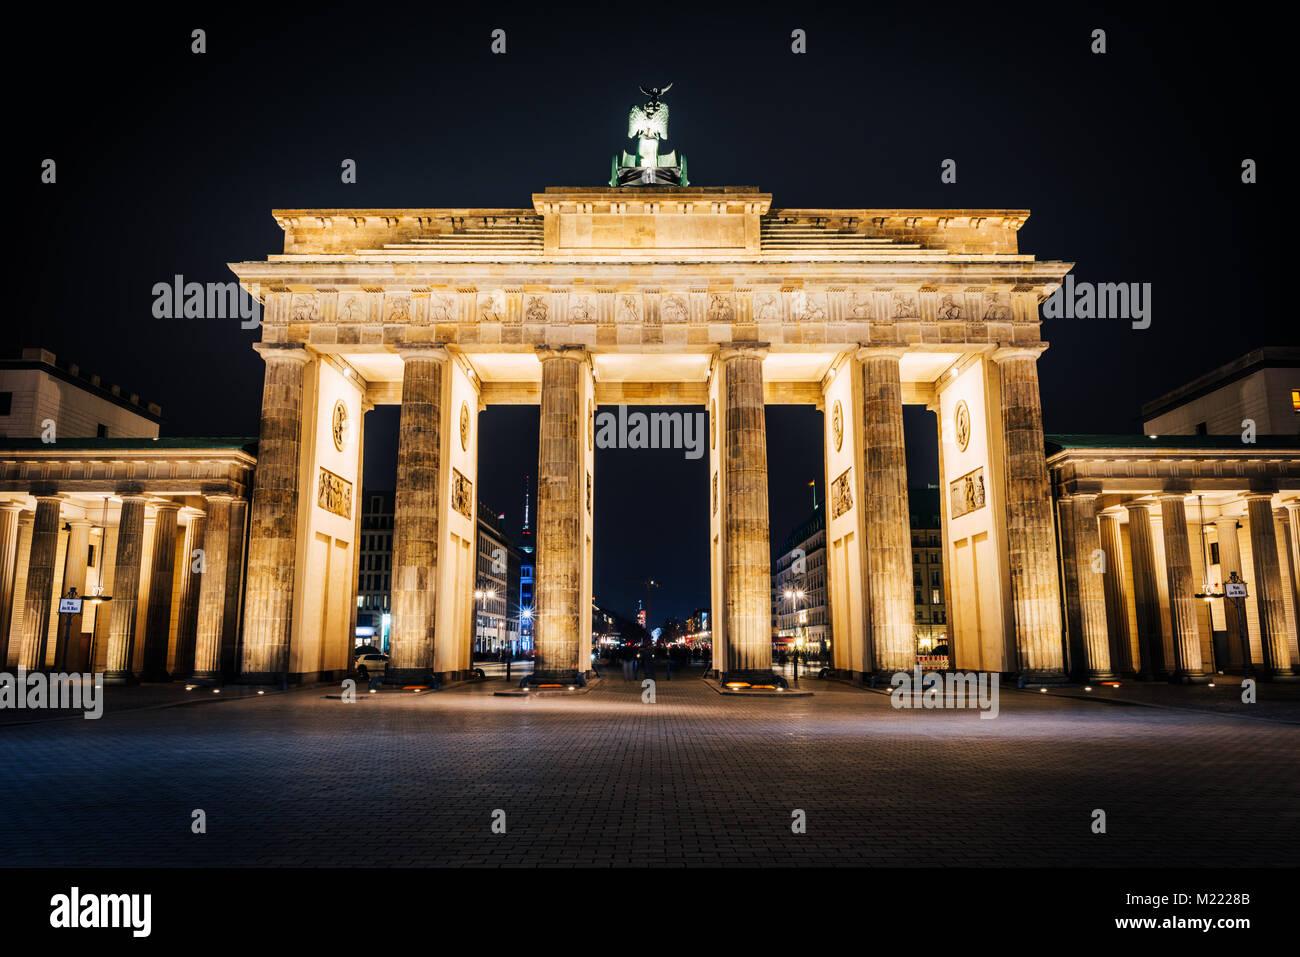 Puerta de Brandenburgo de noche. El destino más famoso de Berlín Imagen De Stock